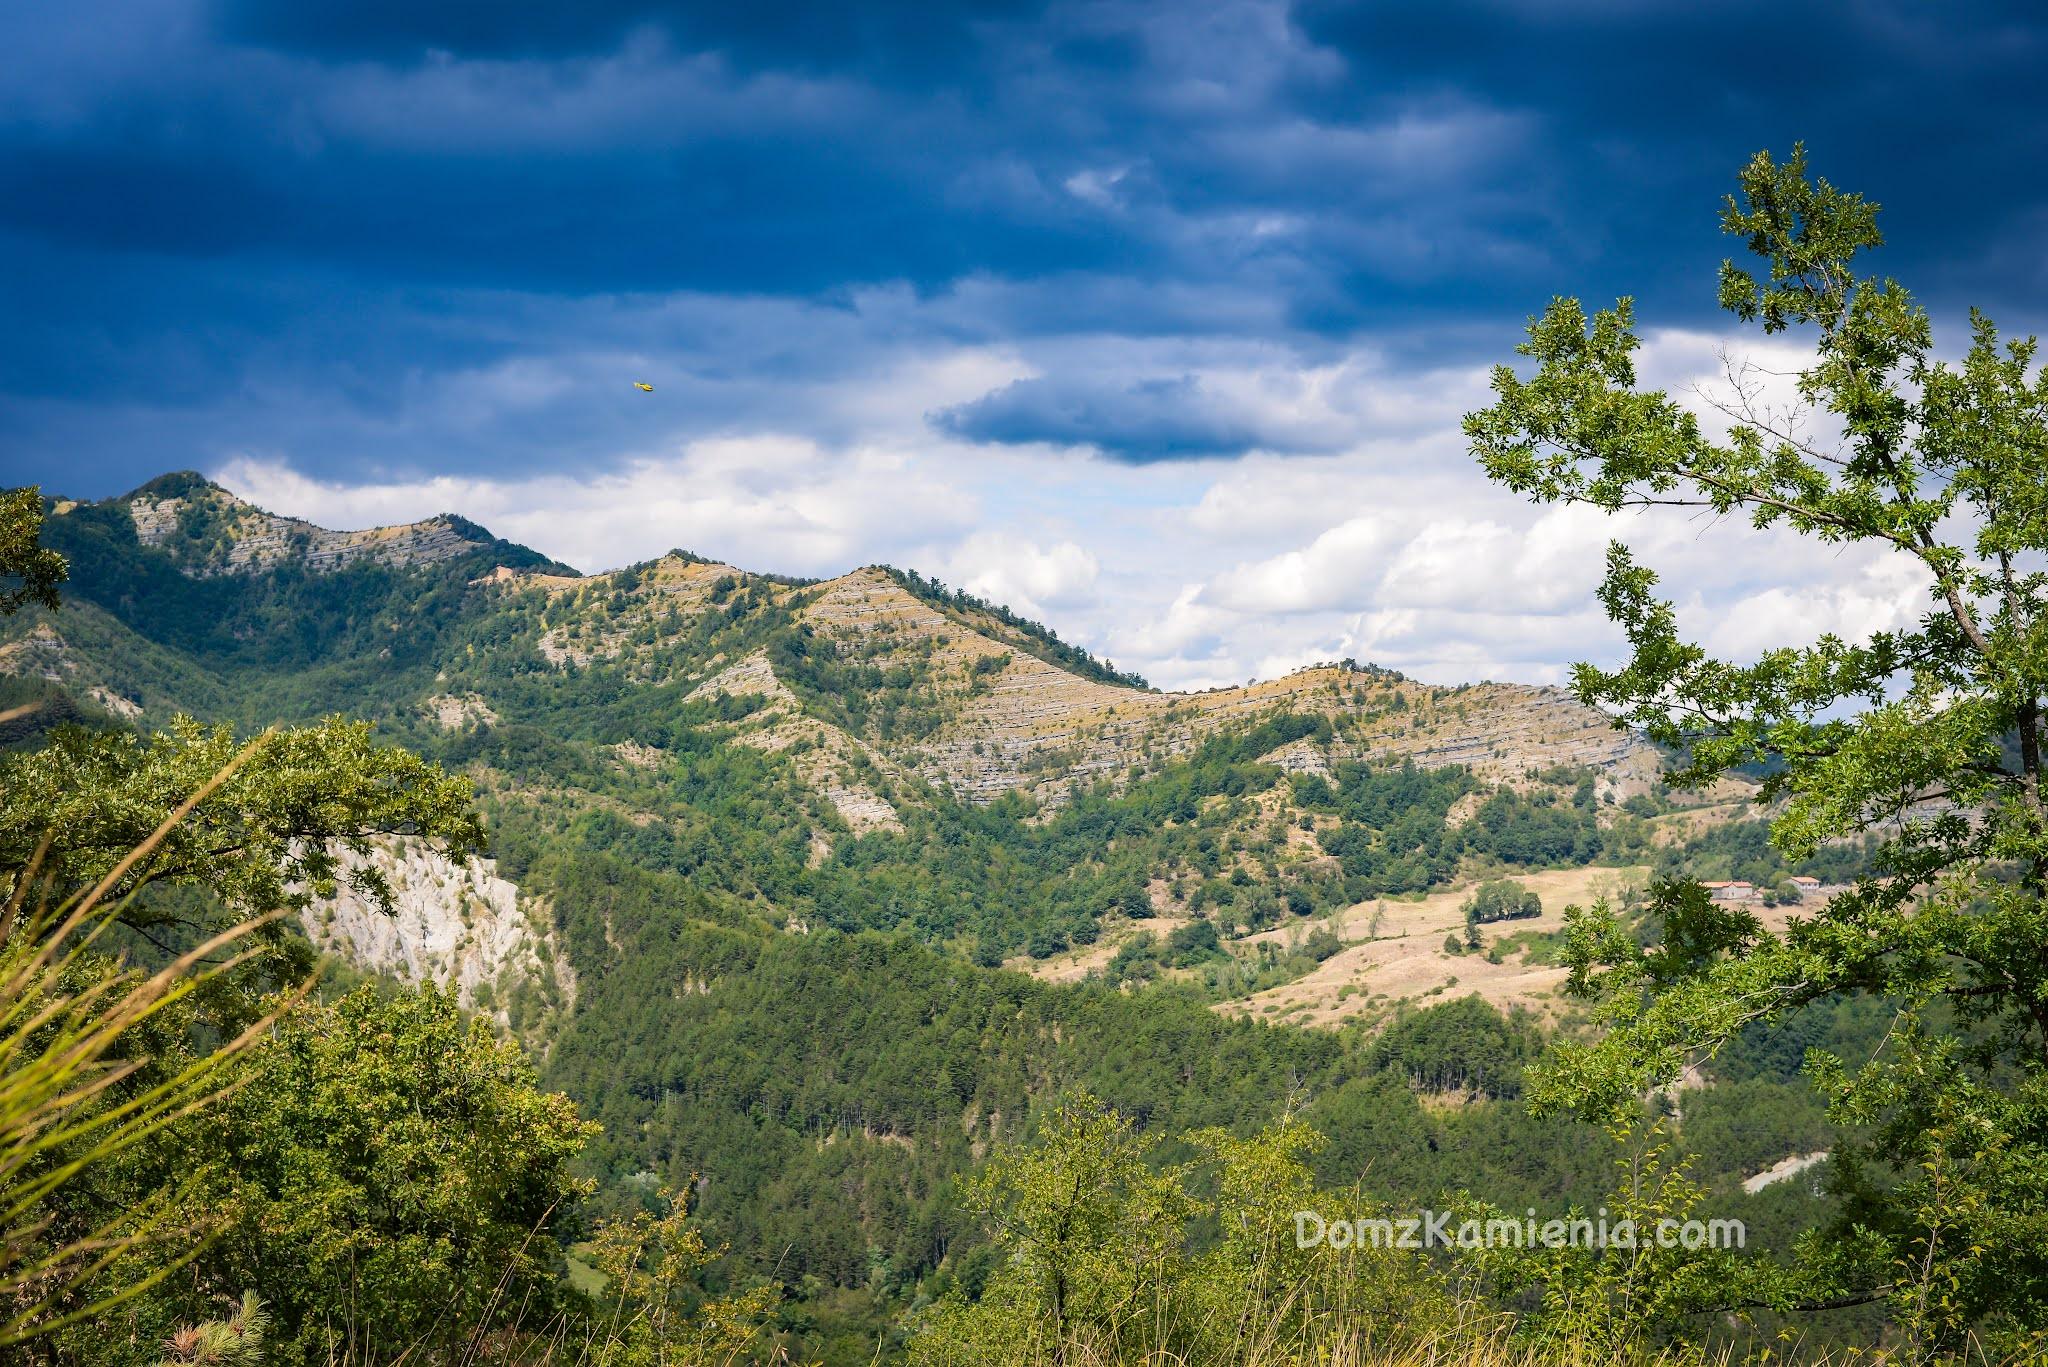 Trekking Apeniny Toskania Dom z Kamienia blog